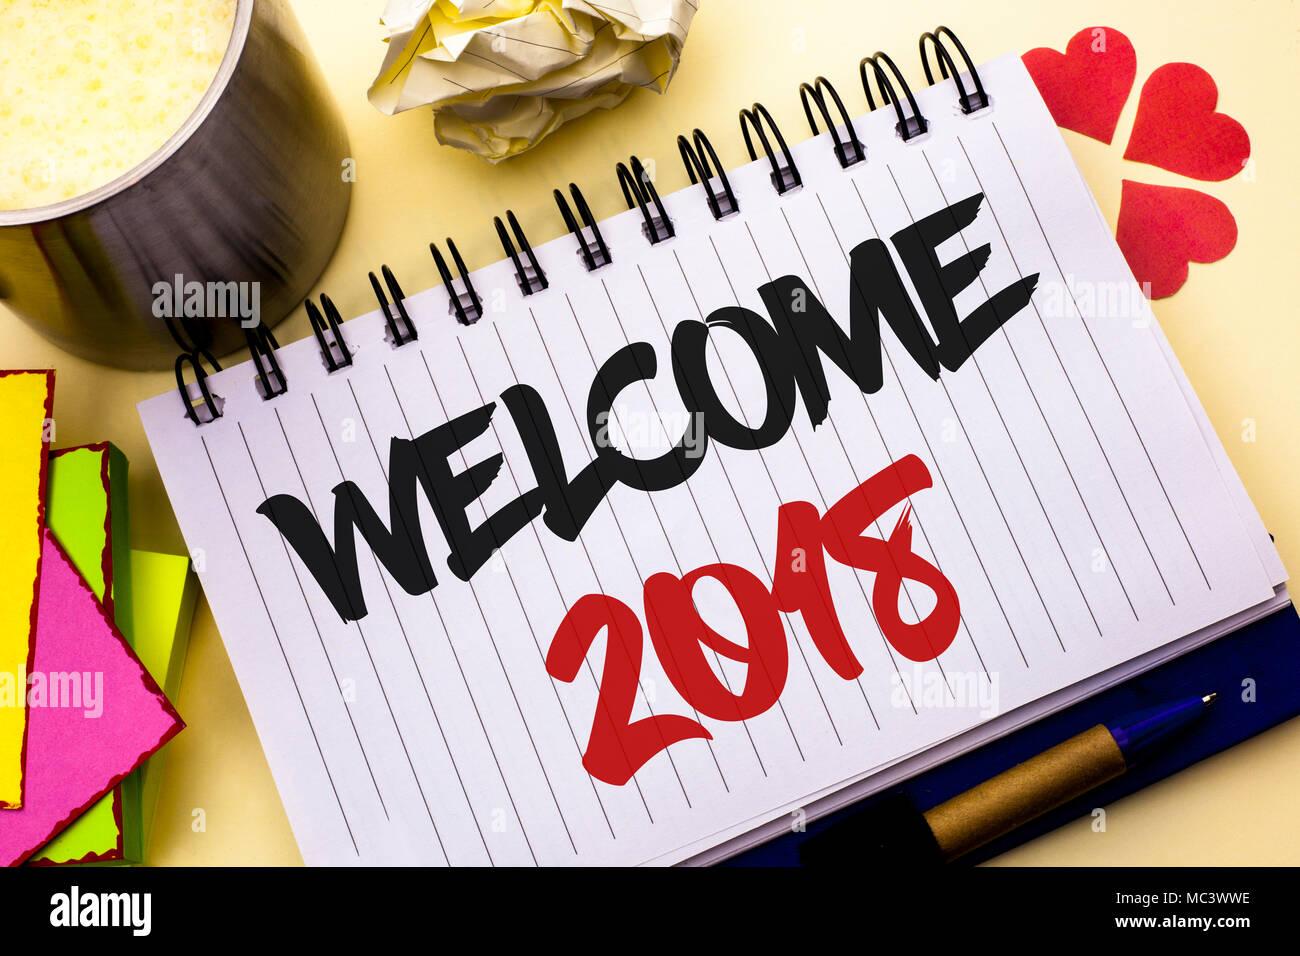 Schreiben Hinweis angezeigt Willkommen 2018. Business foto Präsentation Feier neue Feiern Wünsche für die Zukunft erfreuliche Wünschen Notebook Buch die Ebene geschrieben Stockbild